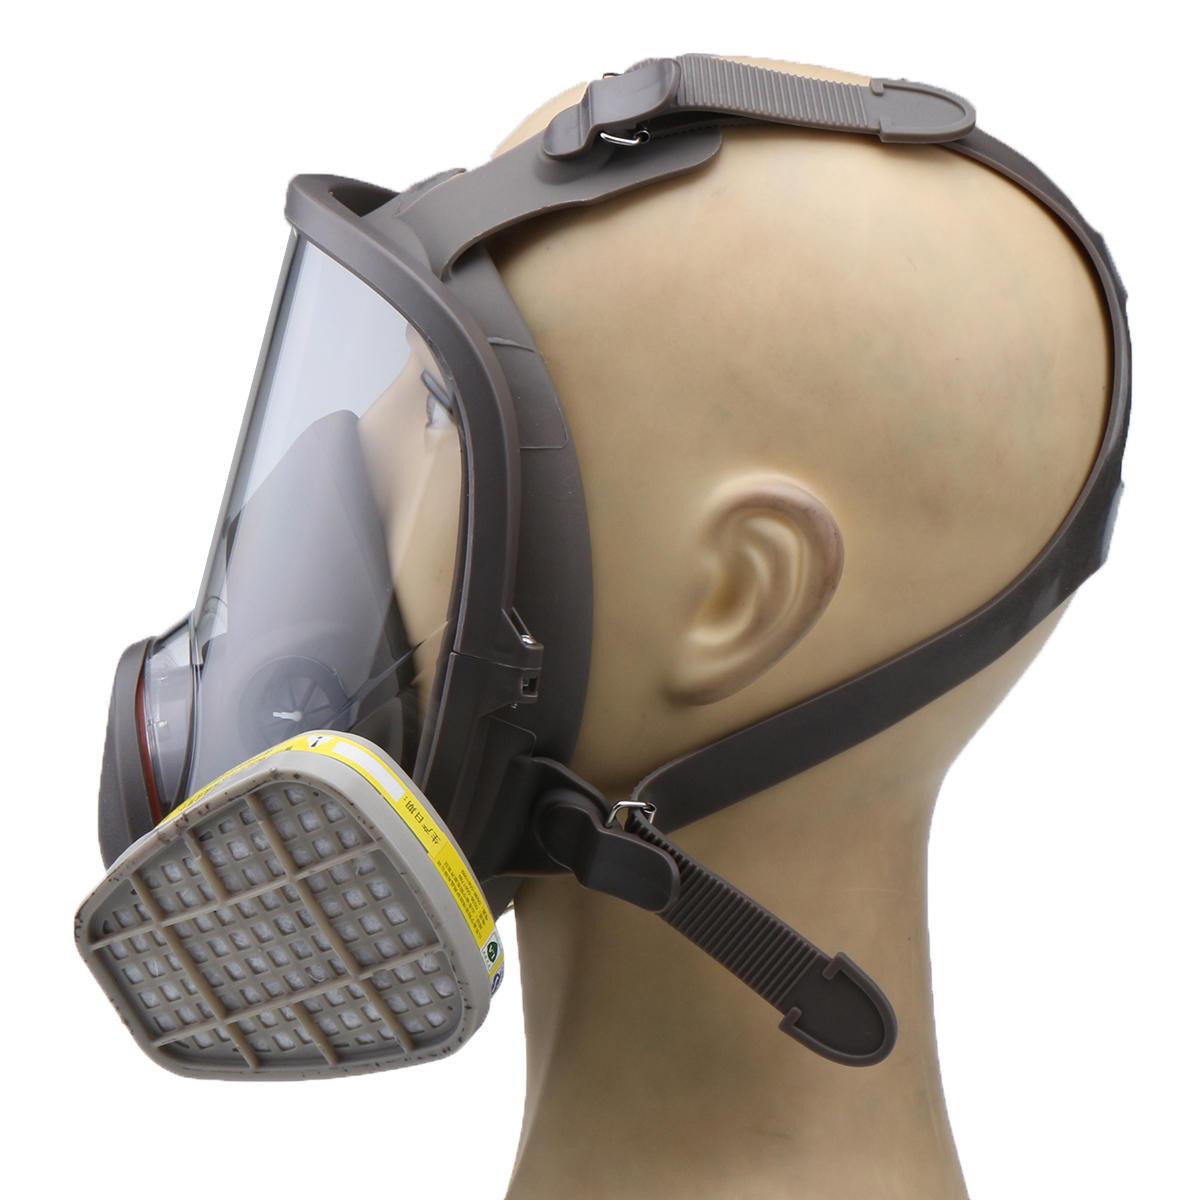 3 en 1 costume peinture pulvérisation similaire pour Silicone visage complet masque respiratoire réutilisable 6800 gaz masque de protection - 3